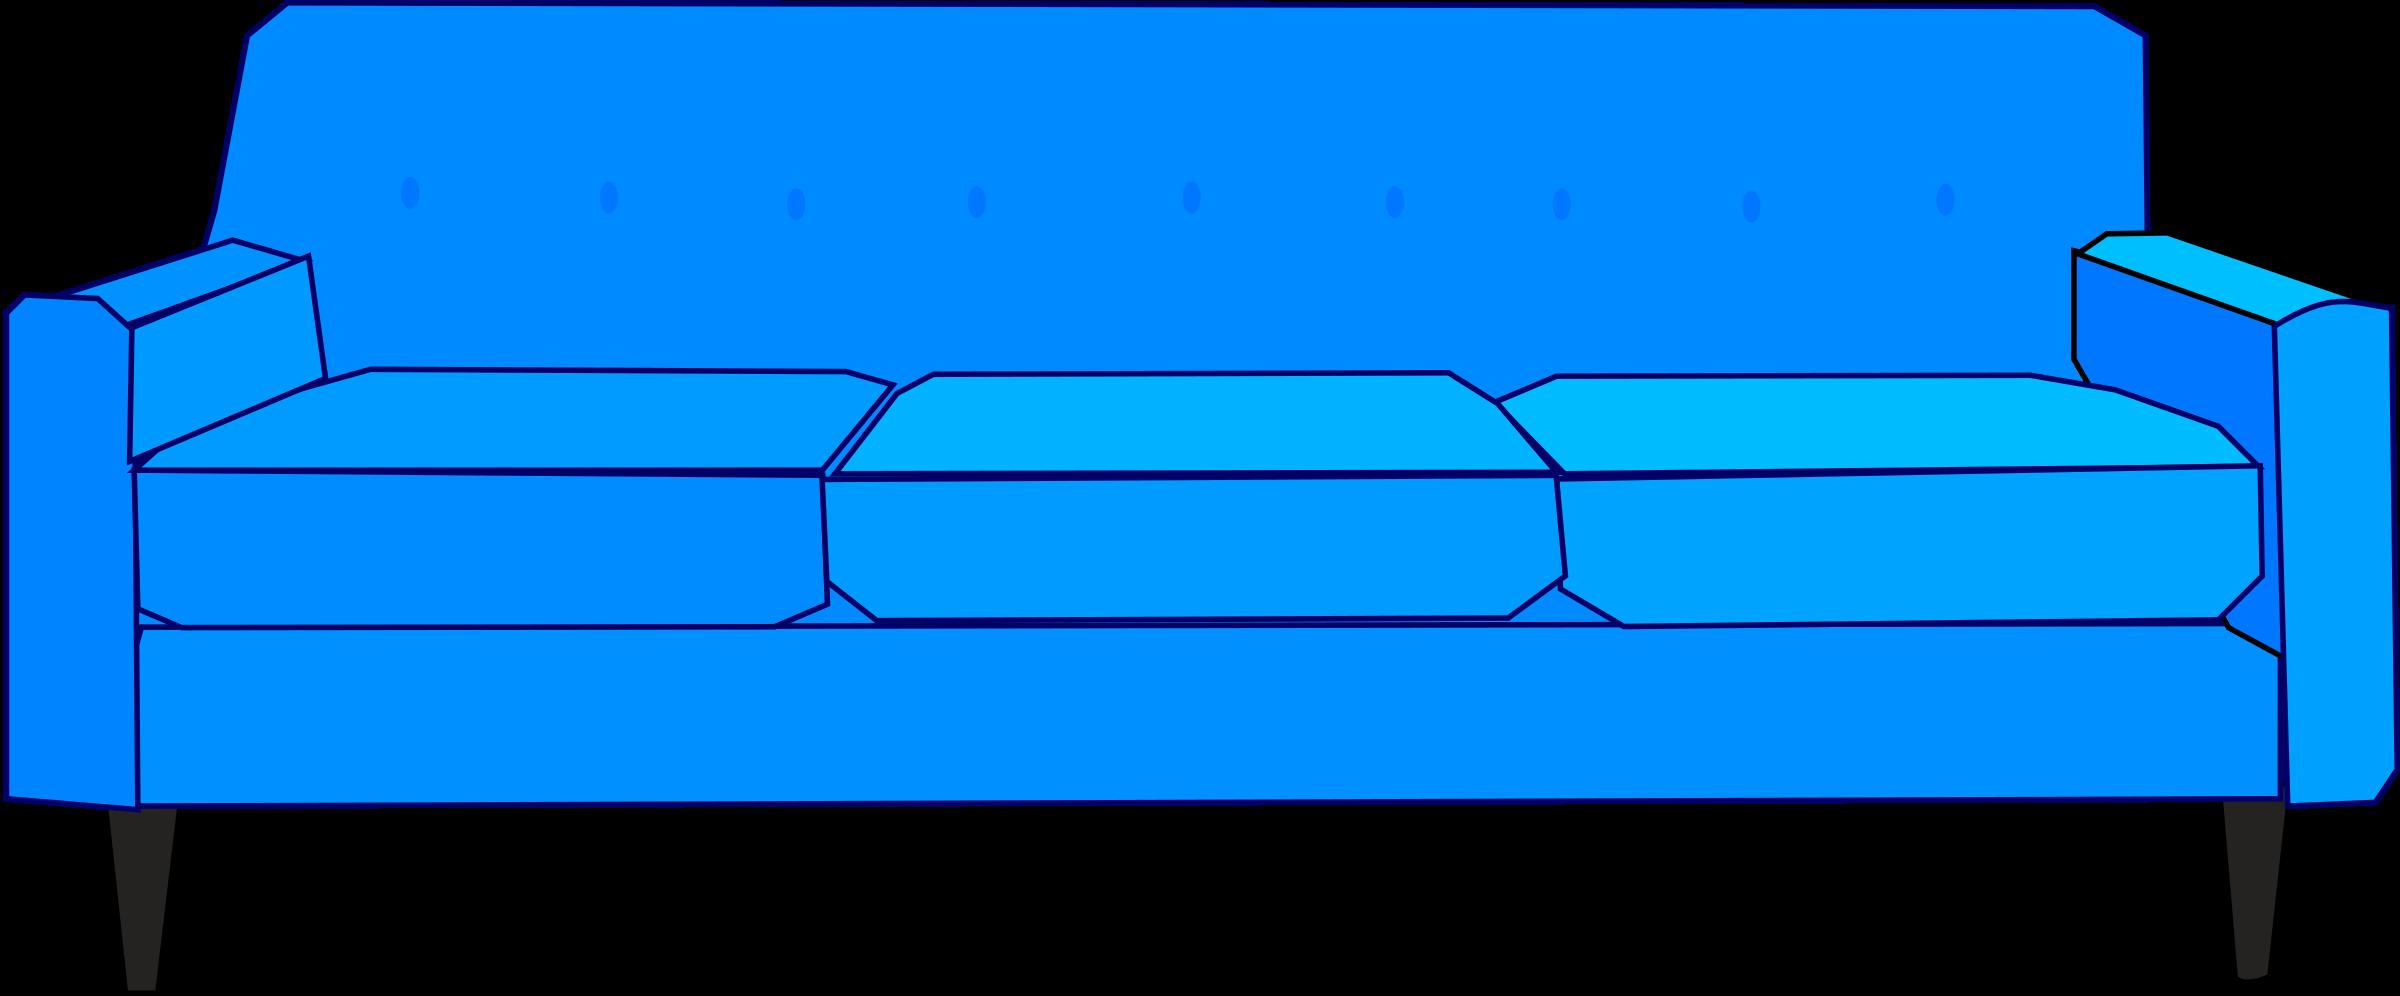 Clipart Blue Sofa